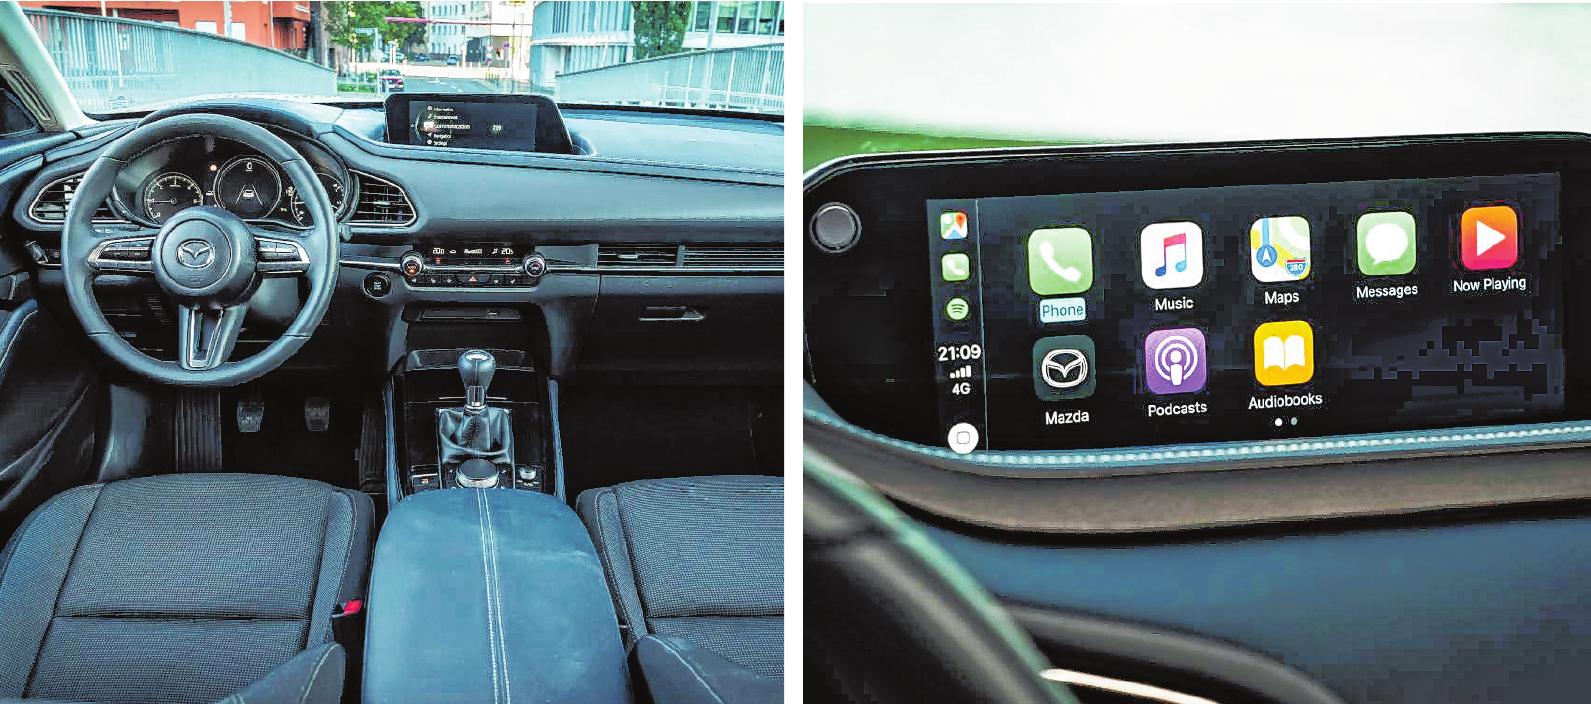 """Ein komfortables Interieur, das dem Fahrer und den weiteren Fahrgästen auf Kurz- und Langstrecken eine angenehme Reise ermöglicht. Das Konnektivitätssystem """"Mazda Connect"""" bietet einfache Bedienung und die Einbindung des Smartphones per USB-Anschluss. BILDER: MAZDA"""